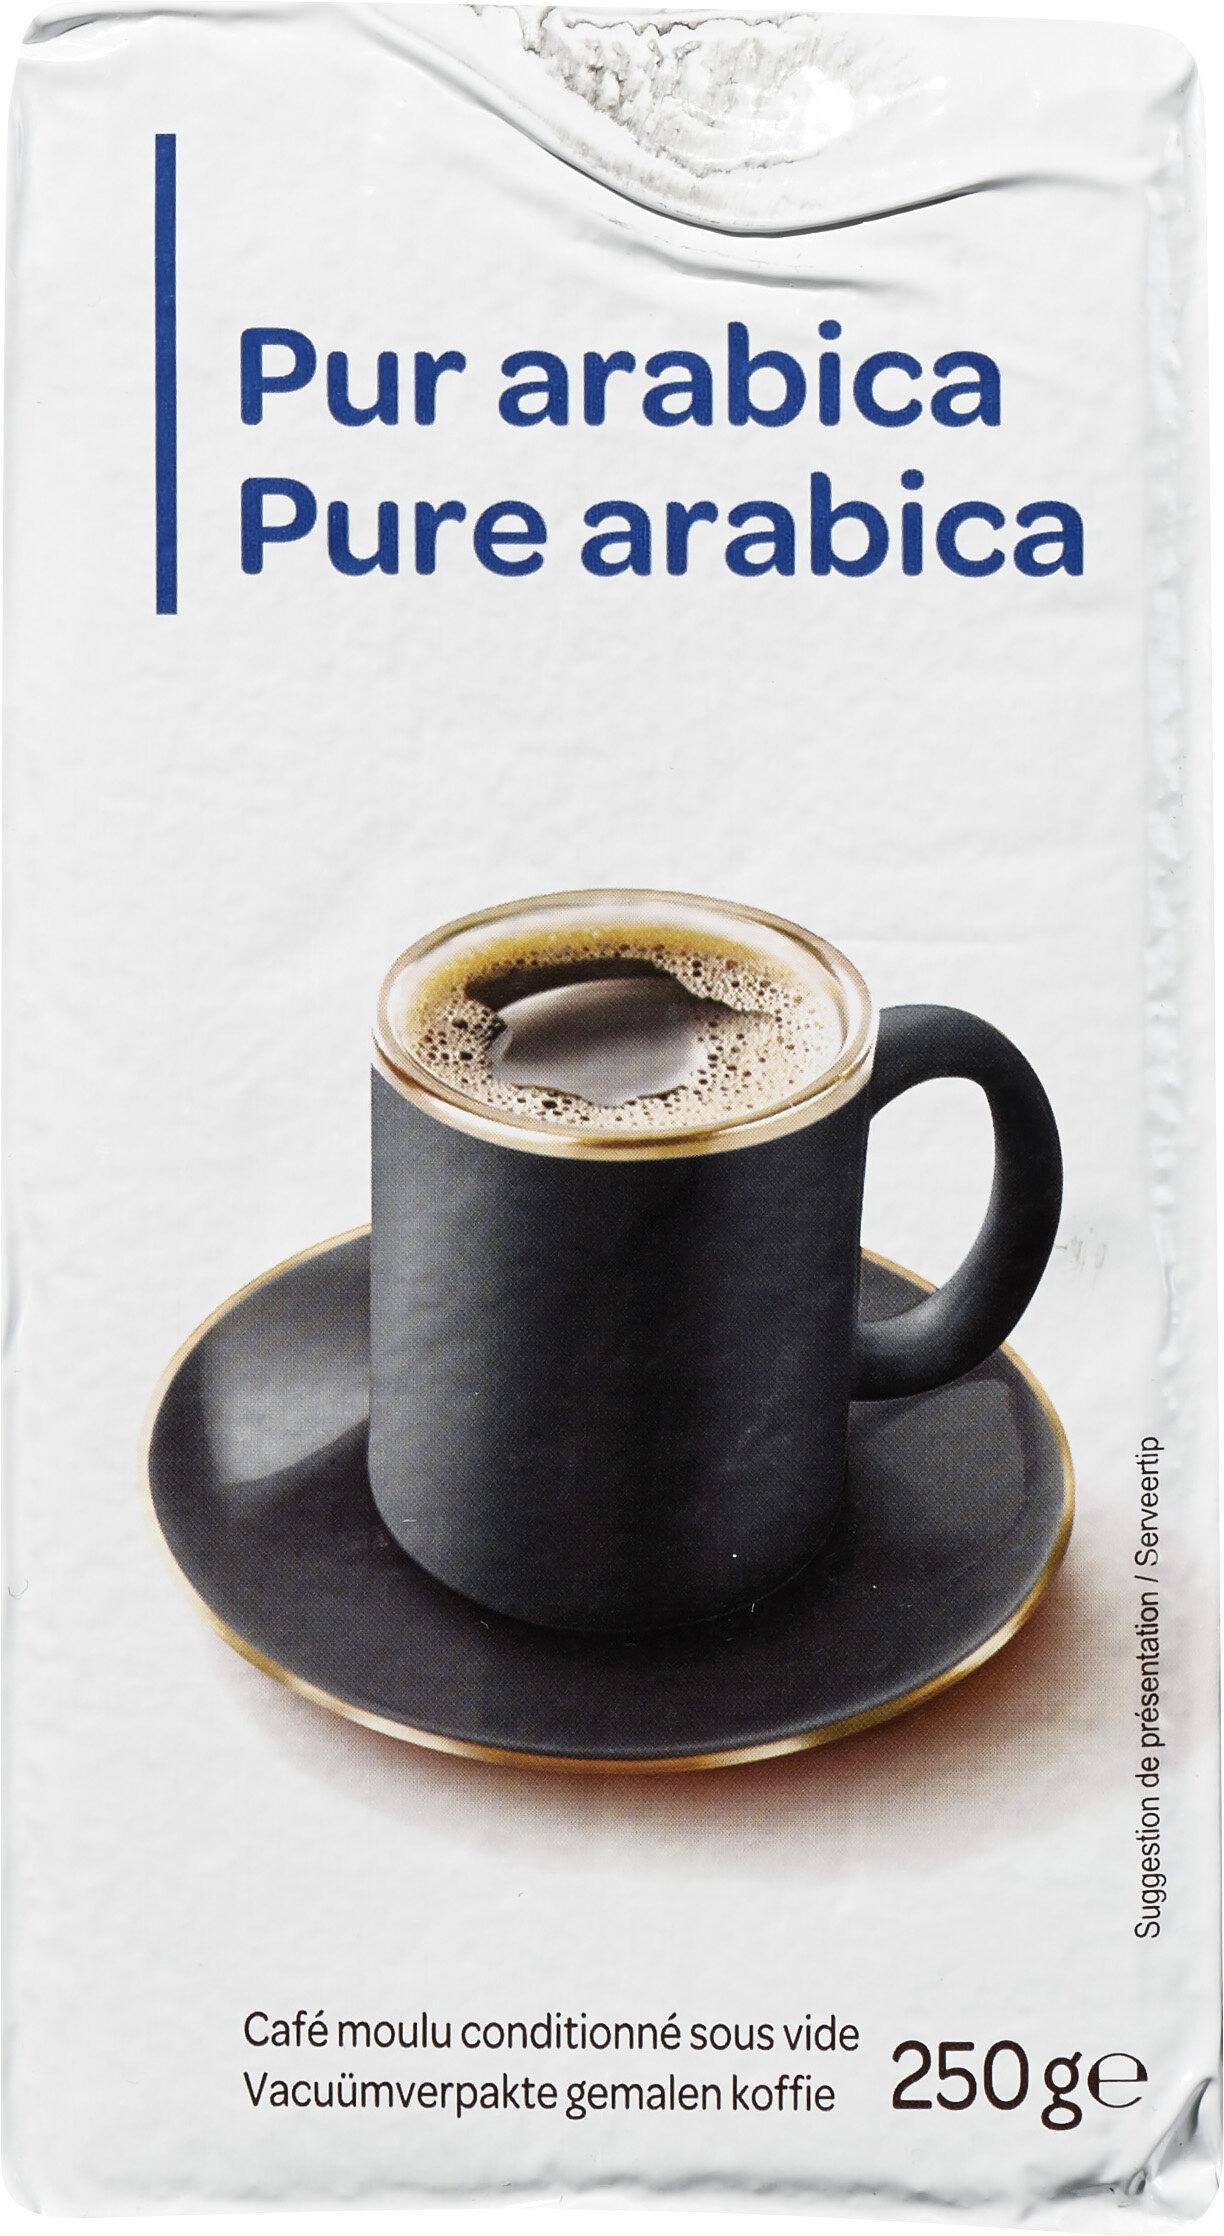 Pur arabica - Prodotto - fr